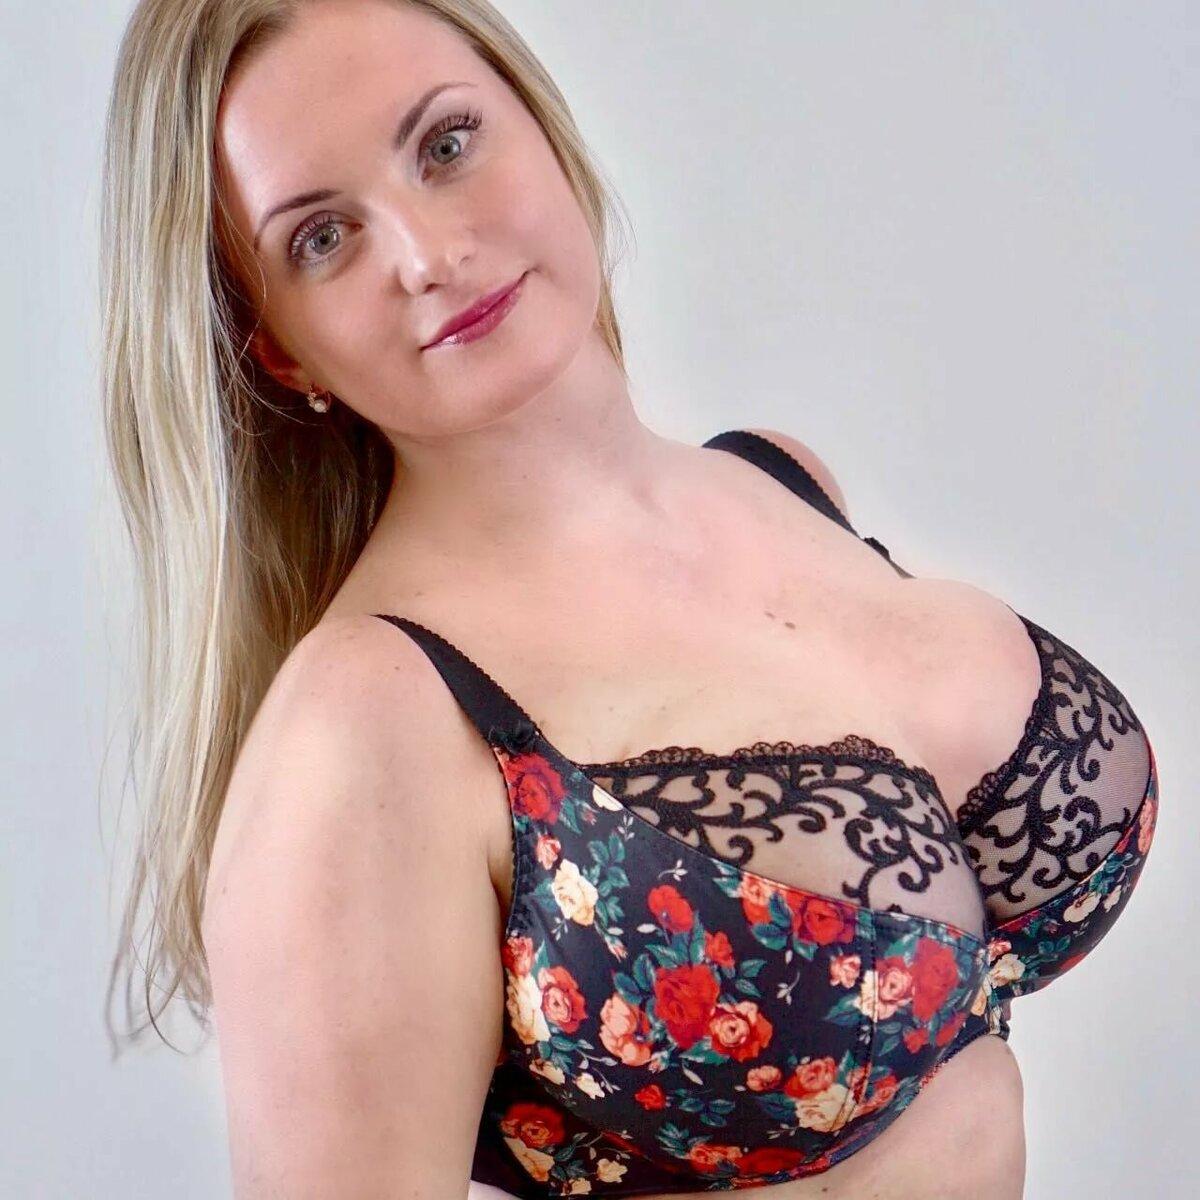 Maria friedman breasts